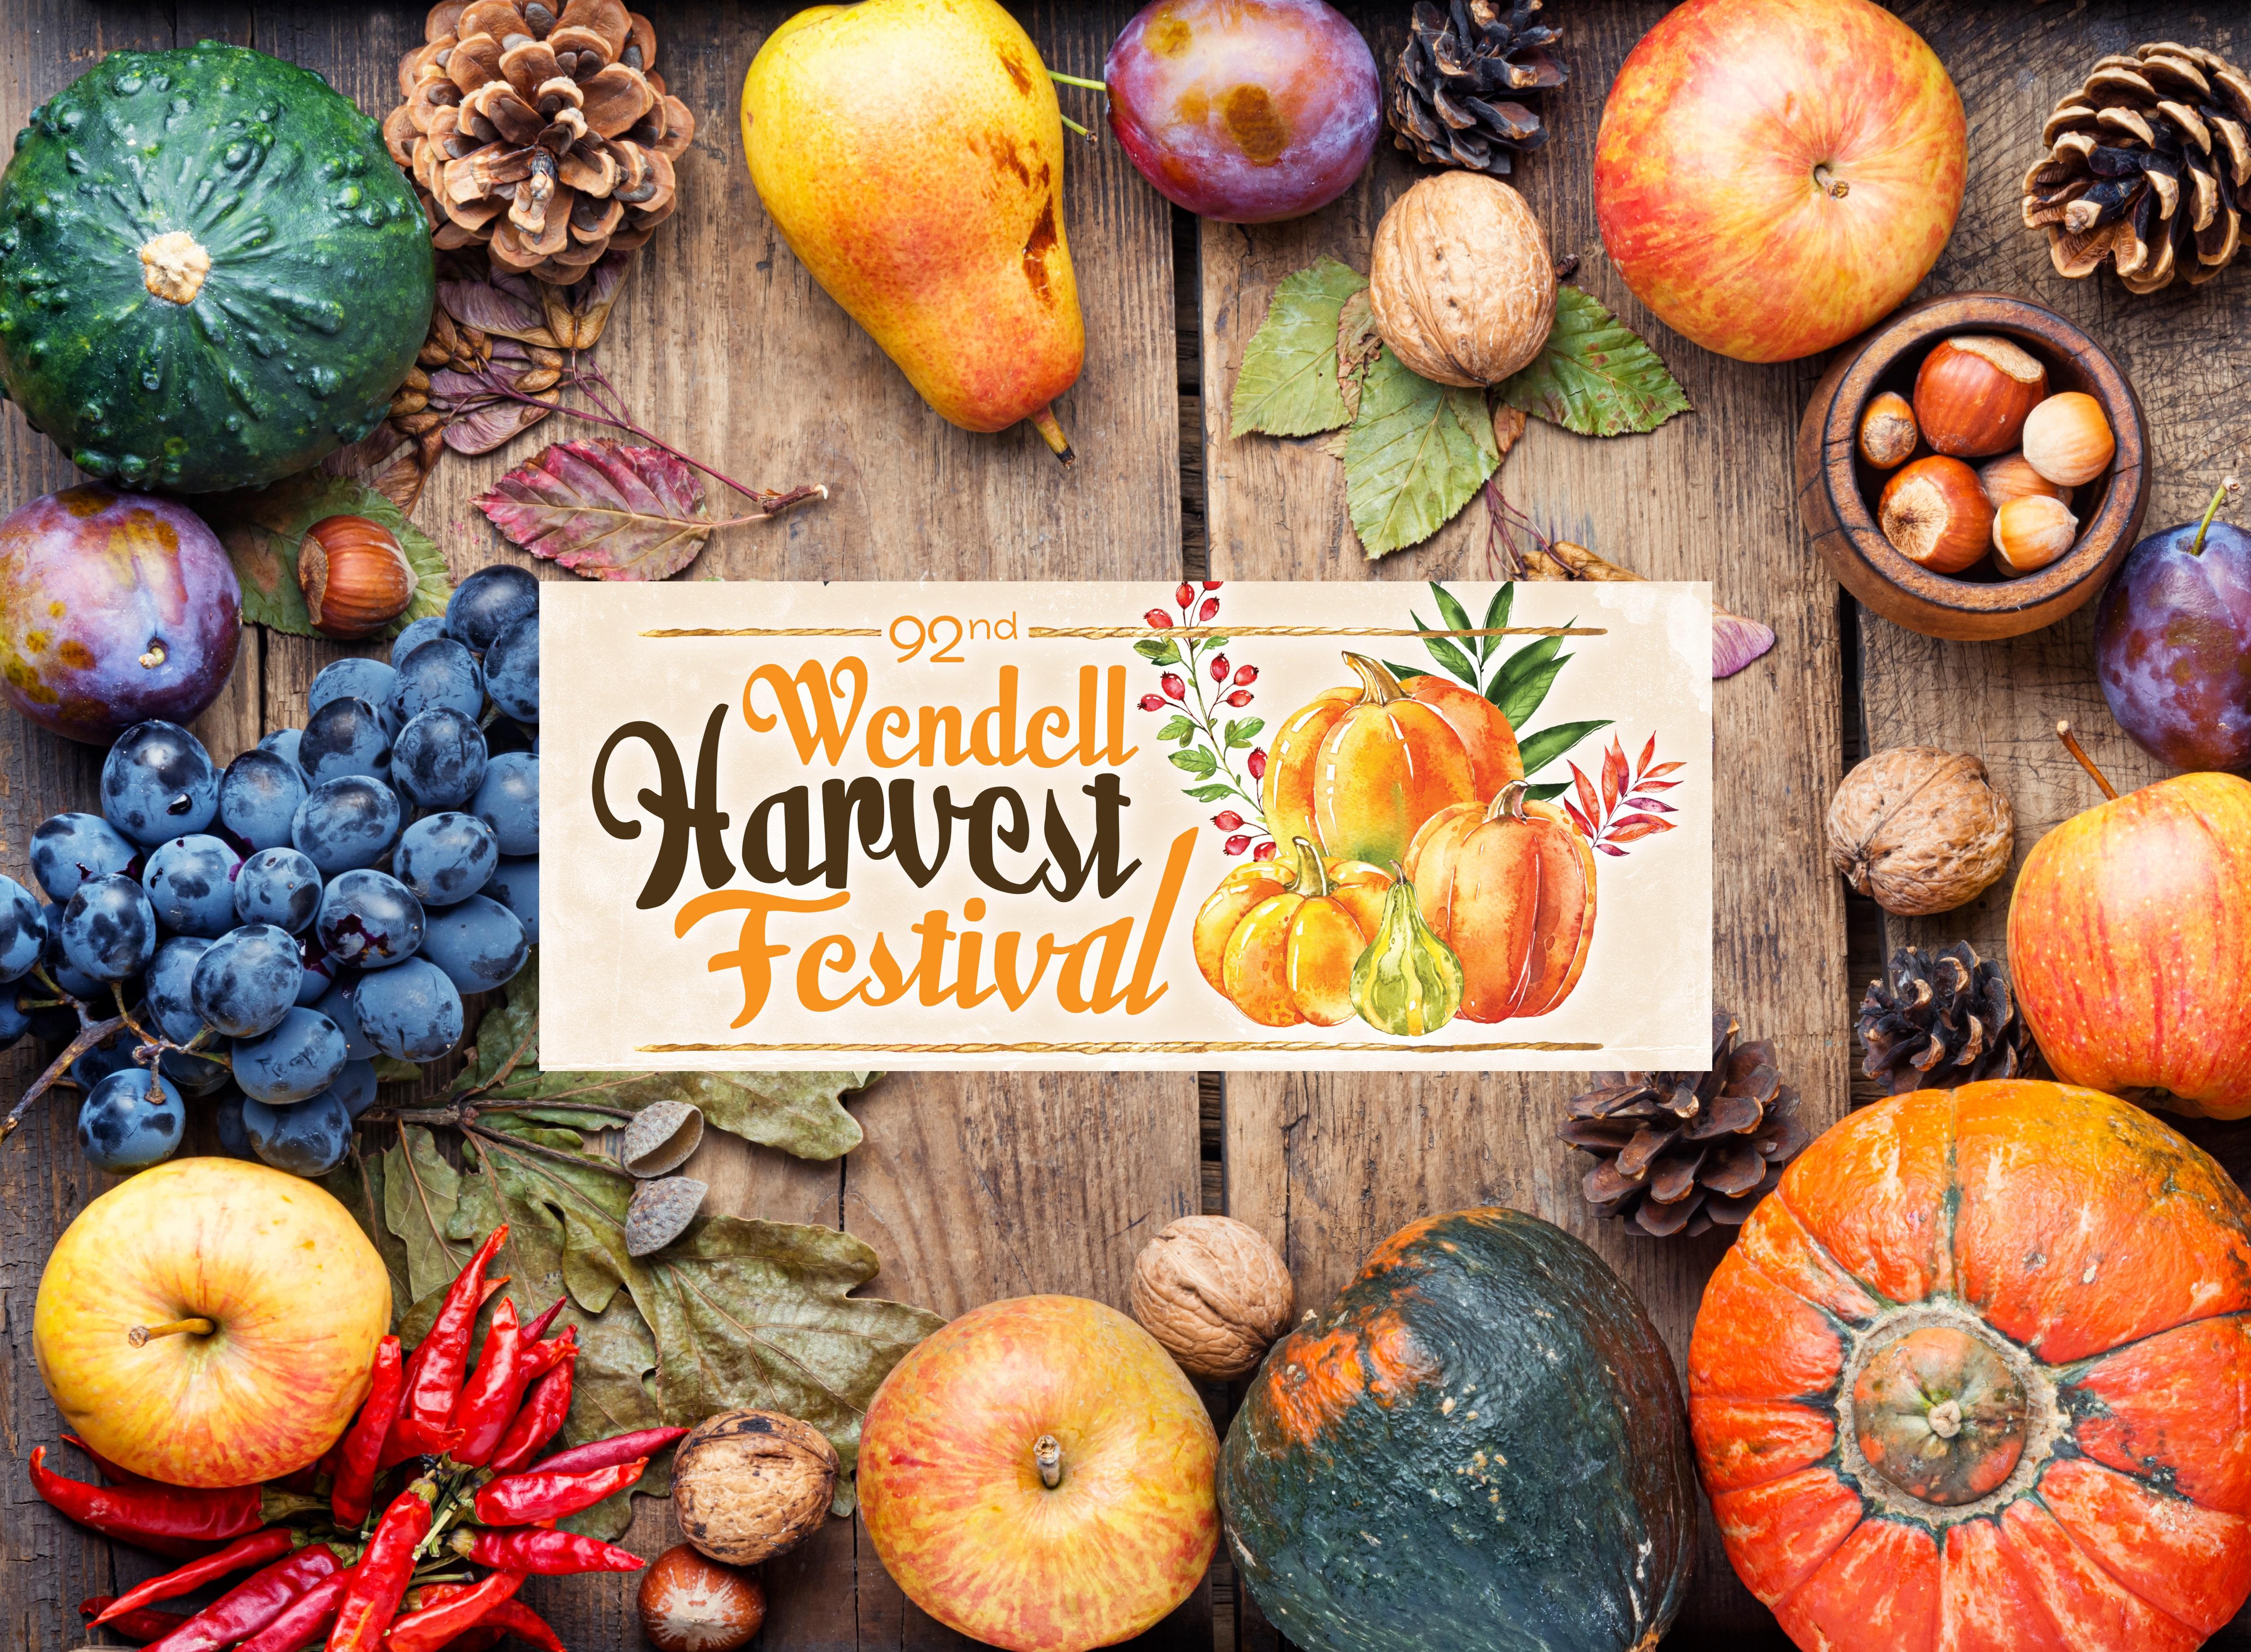 Wendell Harvest Festival Cover image